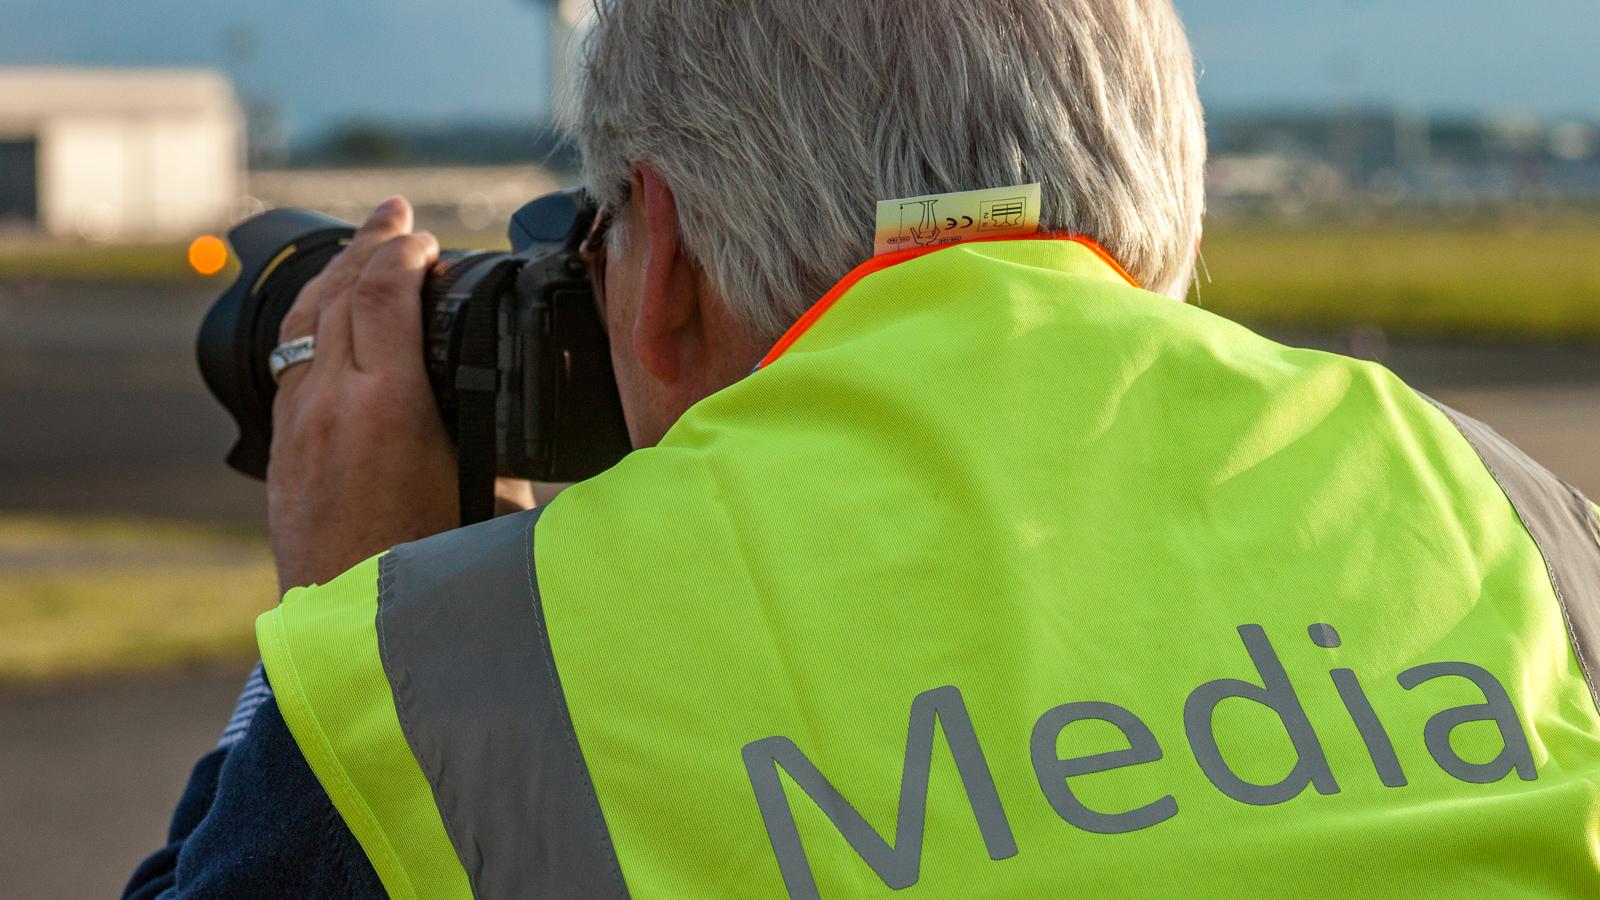 Fotograf bei der Arbeit (Symbolbild); Foto: Ingo Busch